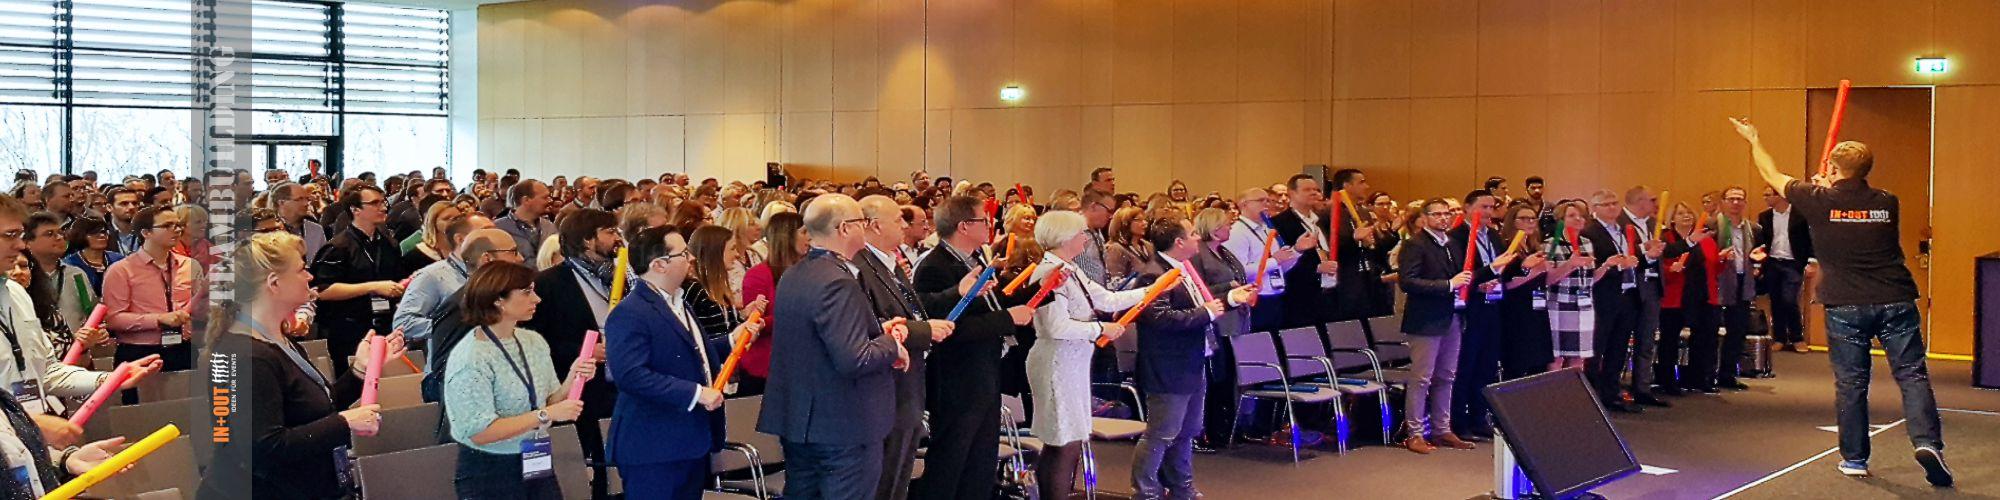 Ideen für Team Events - Bommwhacker Incentive - Lufthansa 550 Teilnehmer - Darmstadt